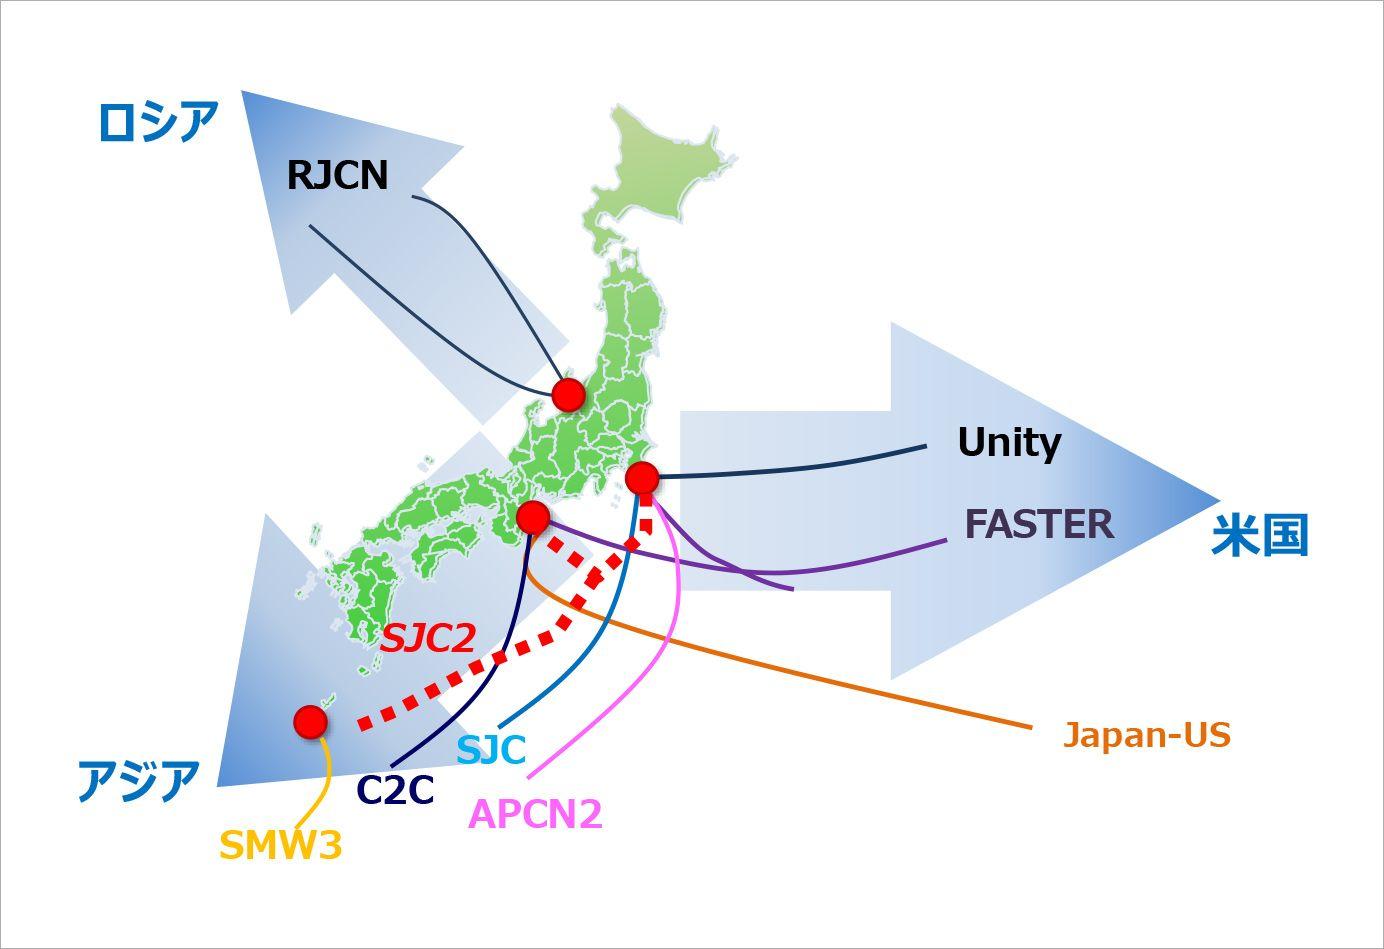 光海底ケーブルのネットワーク概念図